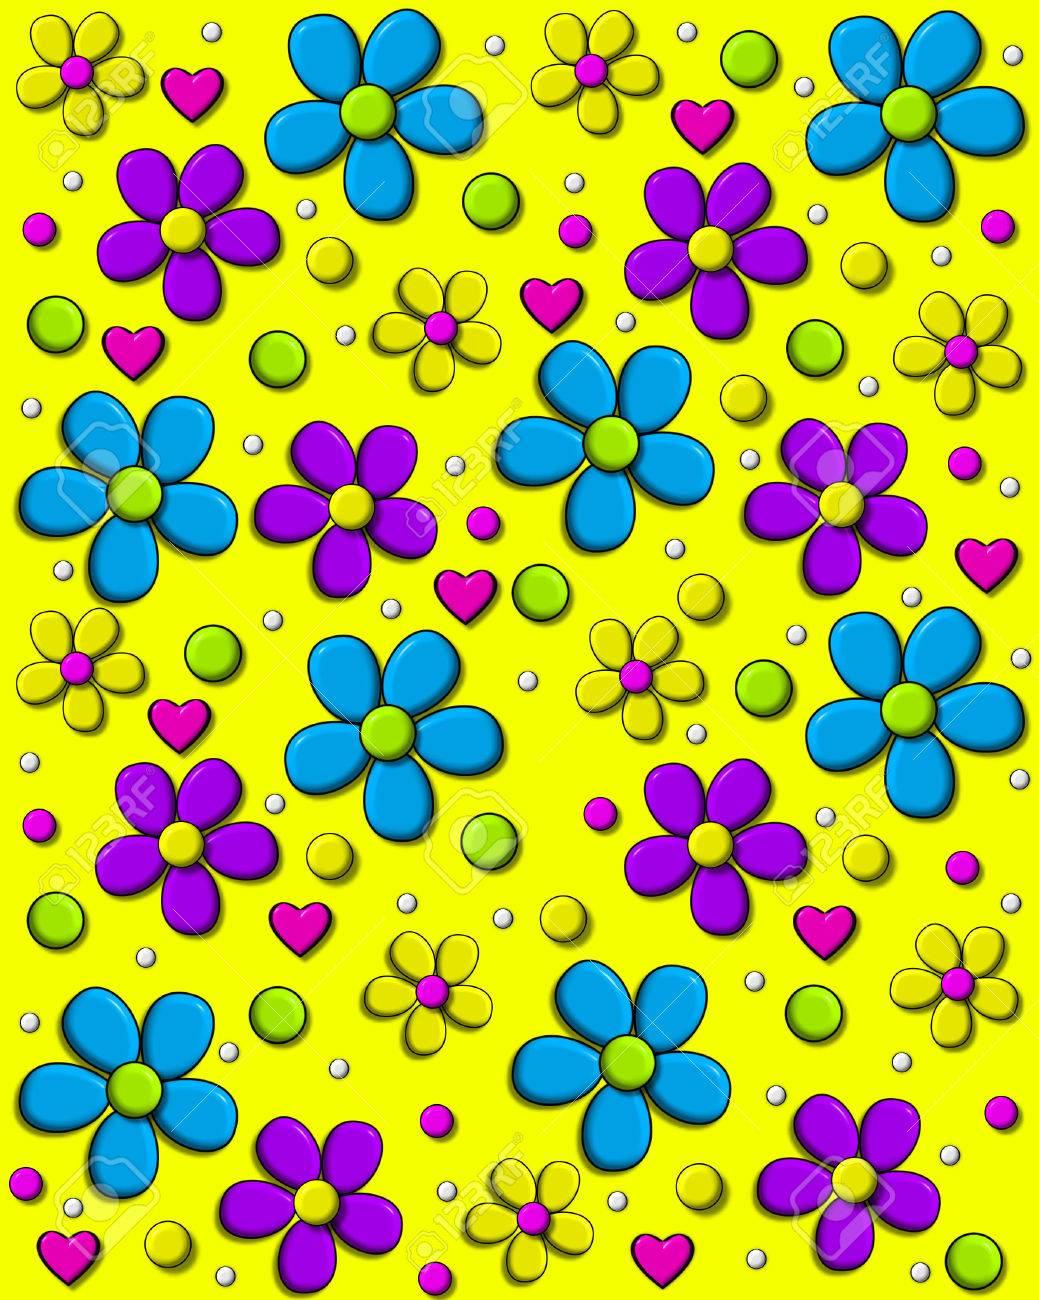 Anni 70 Colori immagine di sfondo è di colore giallo brillante e coperti in margherite  stile anni '70 in acqua, viola e giallo. pois e cuori a riempire tra i  fiori.